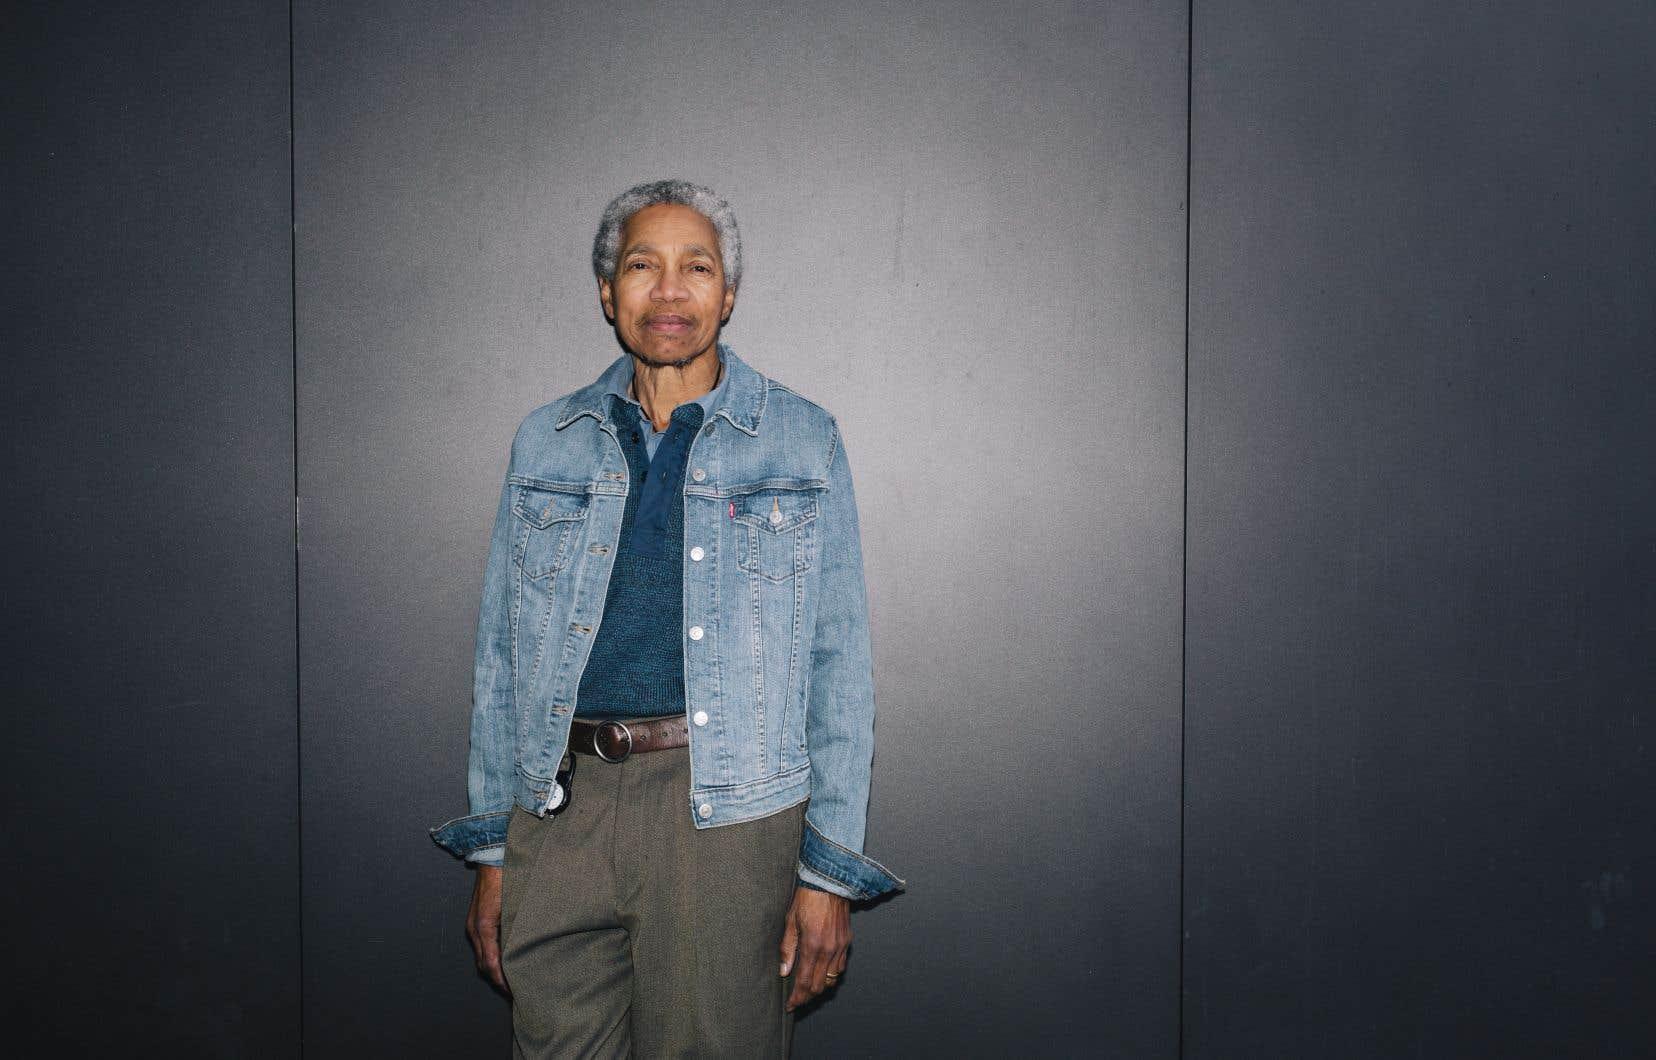 Originaire de Philadelphie, Beverly Glenn-Copeland fut de la première cohorte d'étudiants noirs admis à l'Université McGill au programme de musique, en 1961.